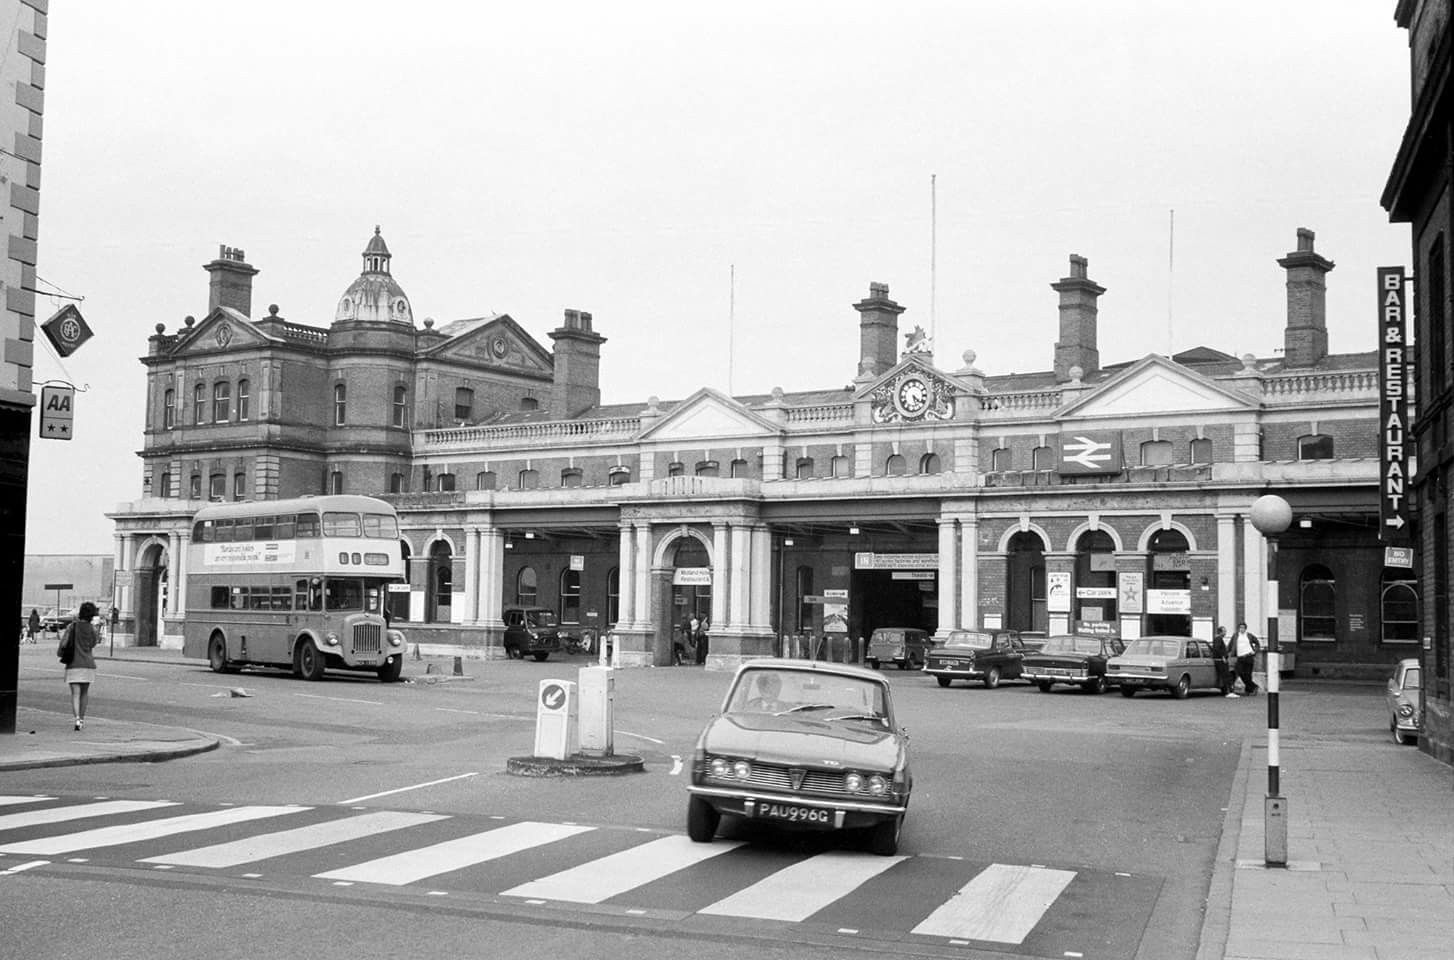 Derby Railway Station 1970s Ciudades Siglo Xix Industrial